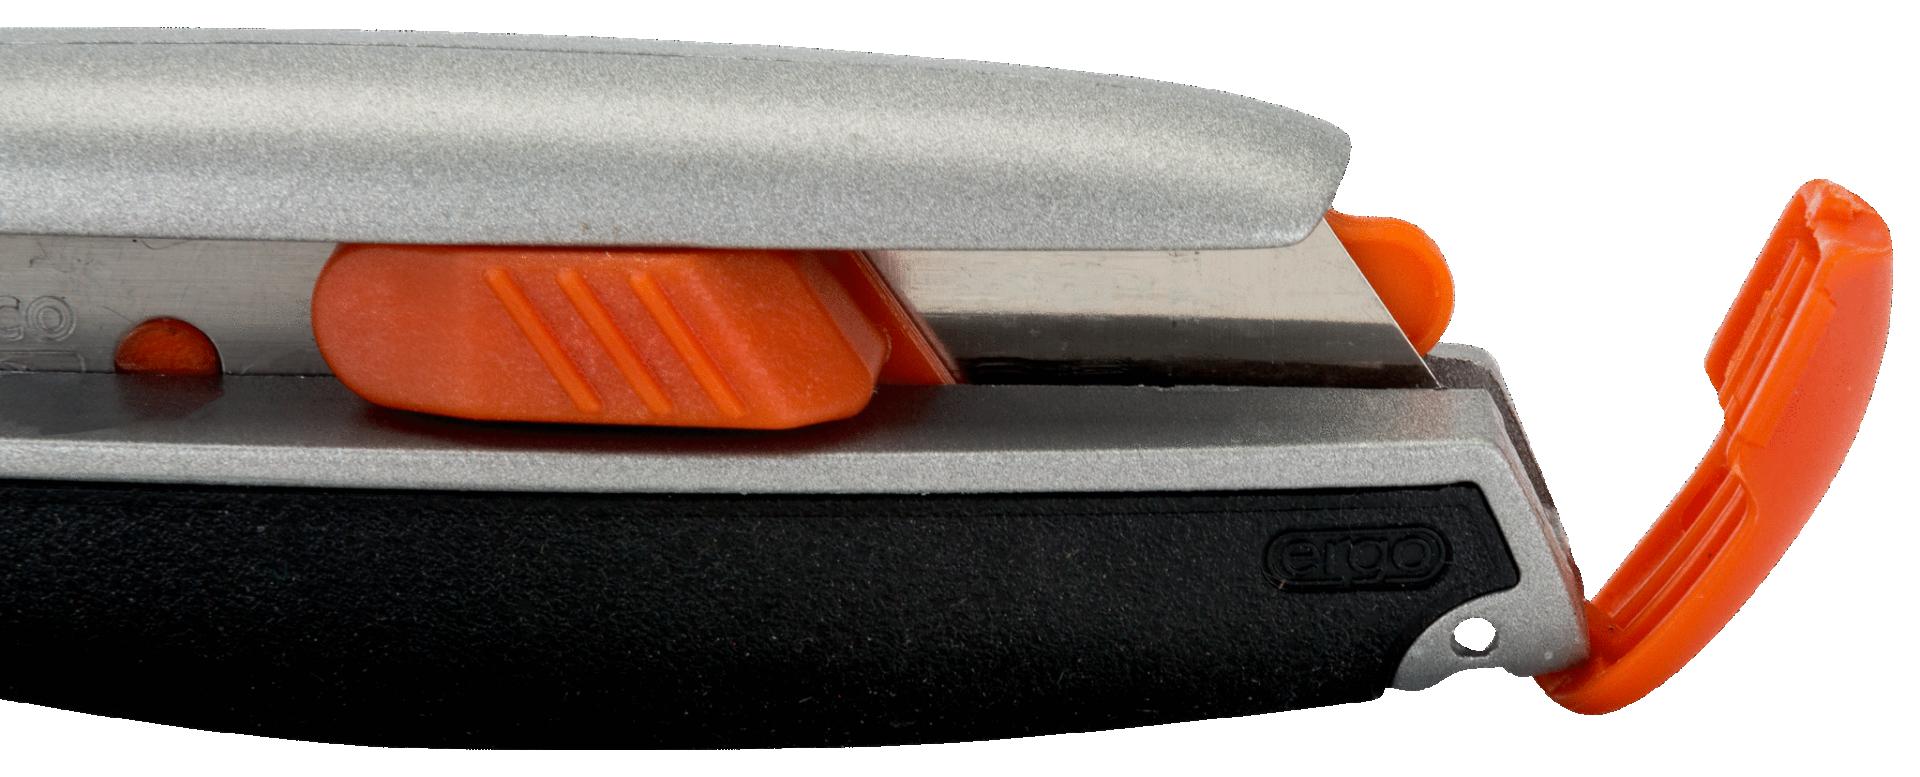 Nóż z ostrzem łamanym 18 mm z magazynkiem Ergo Bahco (nr kat. KE18-01)